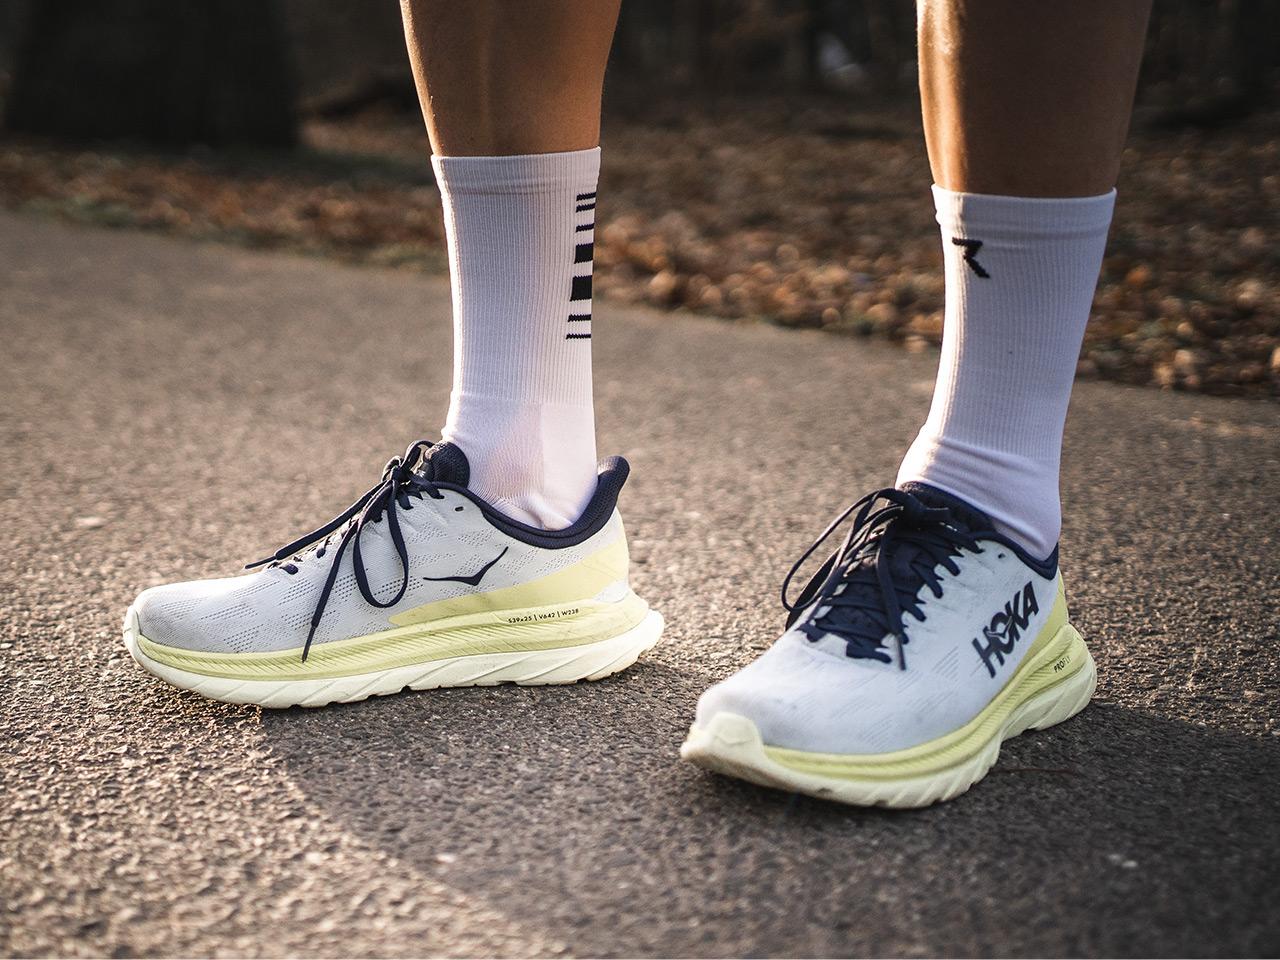 Mach 4 shoe